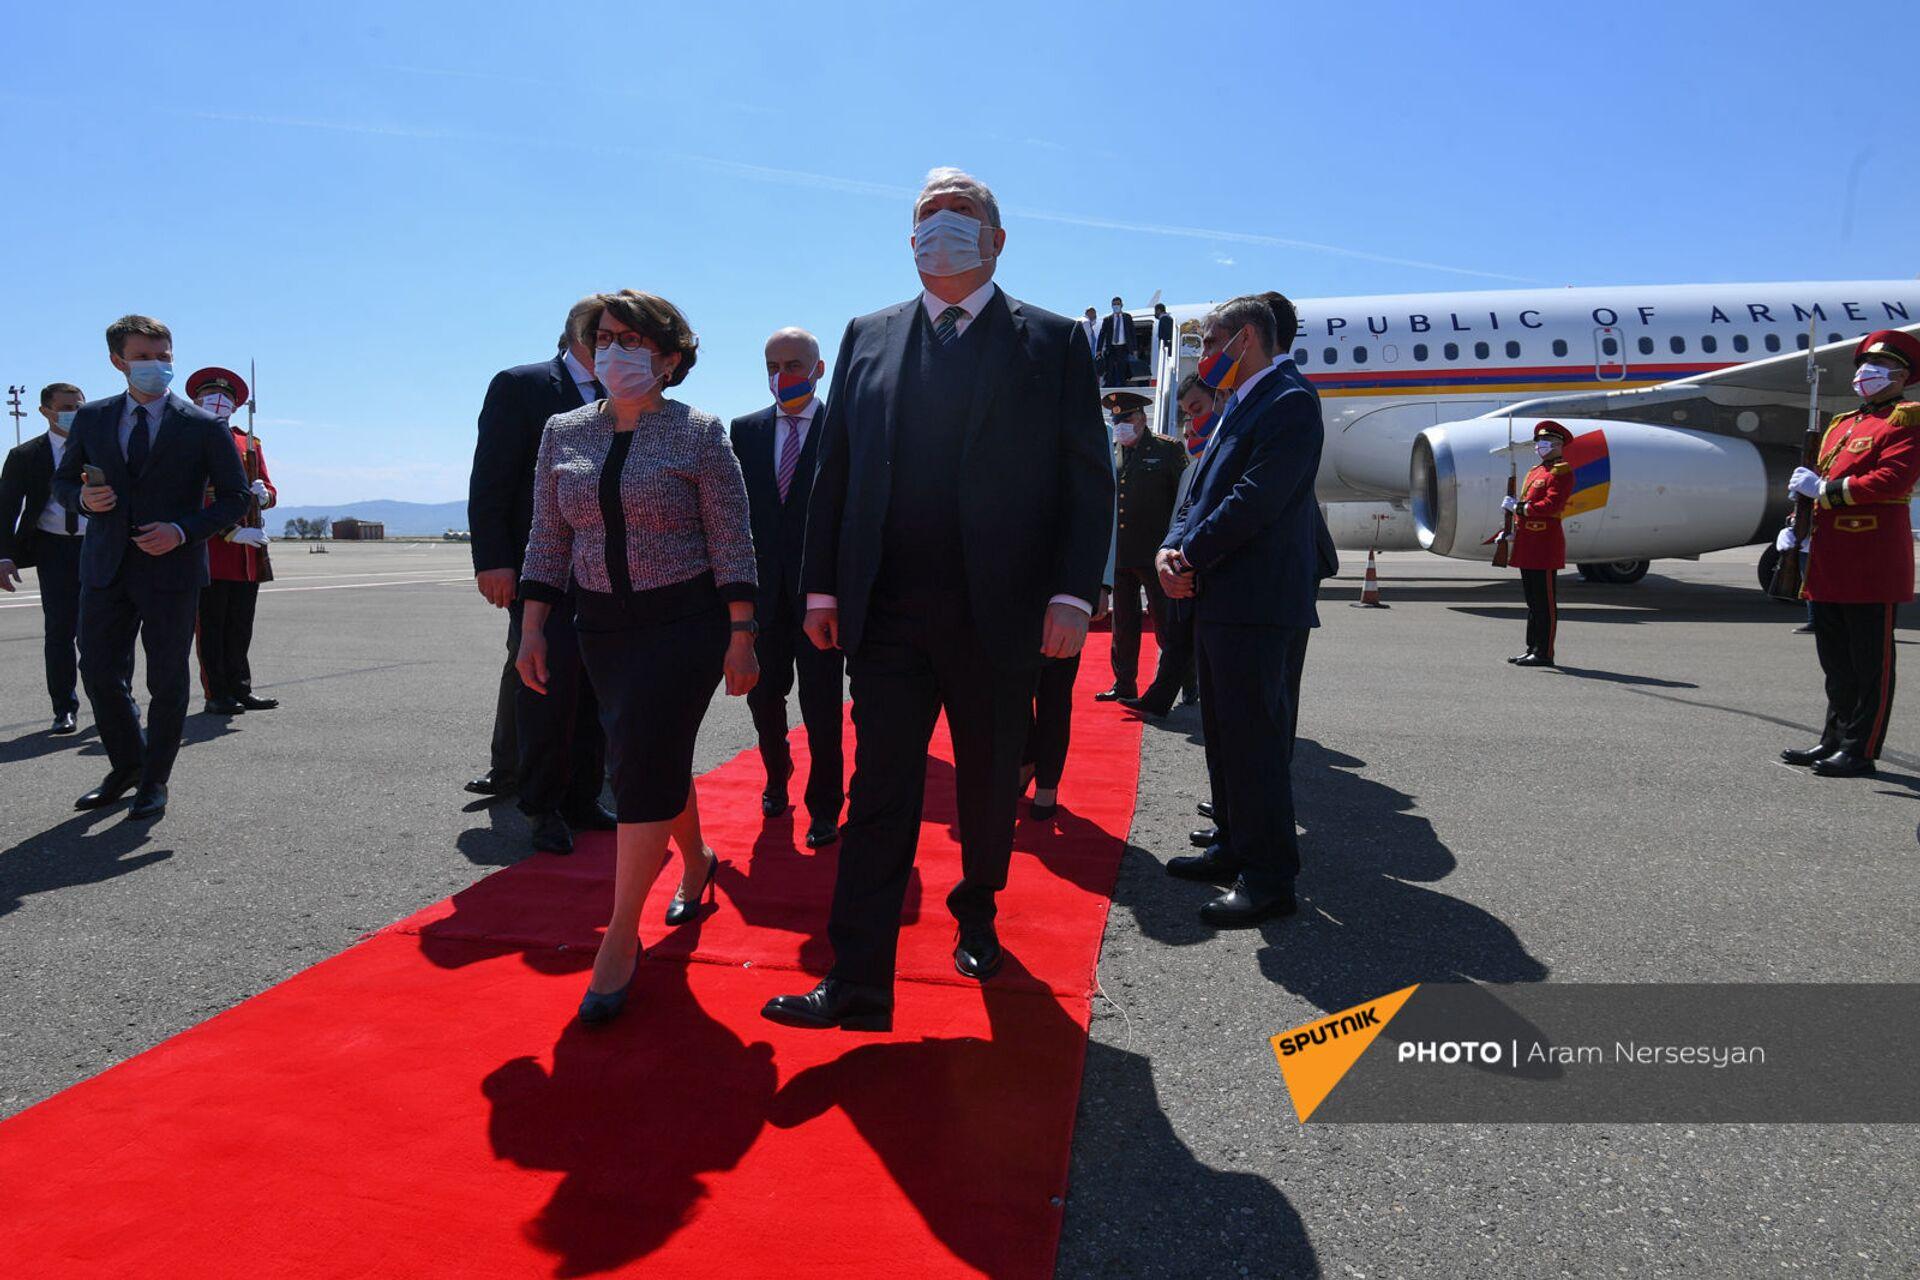 Հայաստանի և Վրաստանի դրոշները` դիմակների վրա. Արմեն Սարգսյանն արդեն Թբիլիսիում է - Sputnik Արմենիա, 1920, 15.04.2021